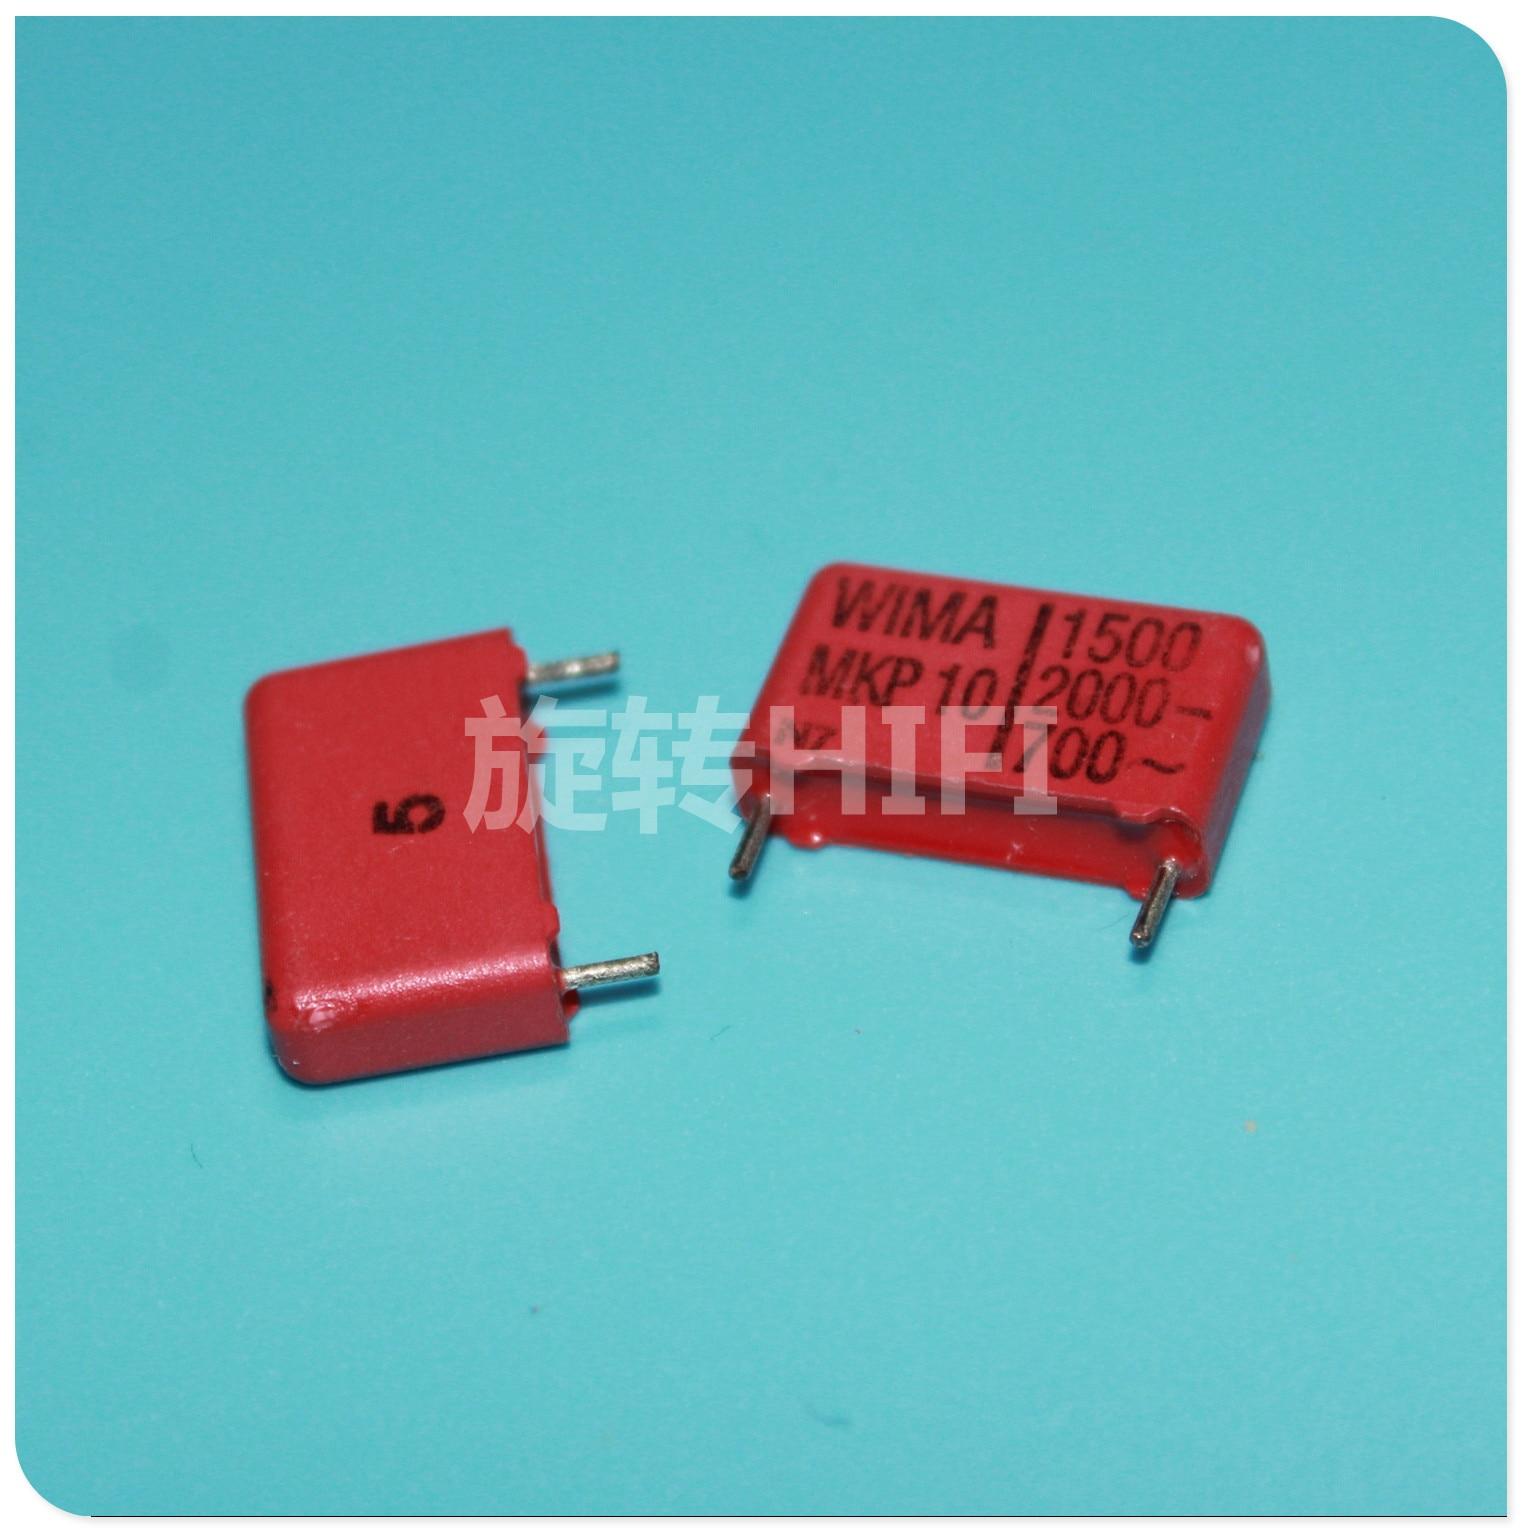 10PCS RED WIMA MKP10 1500PF 2000V P15mm Original New MKP-10 152/2000V Audio 1.5nf Film 152 PCM15 Hot Sale 1500pf 2kv 0.0015UF